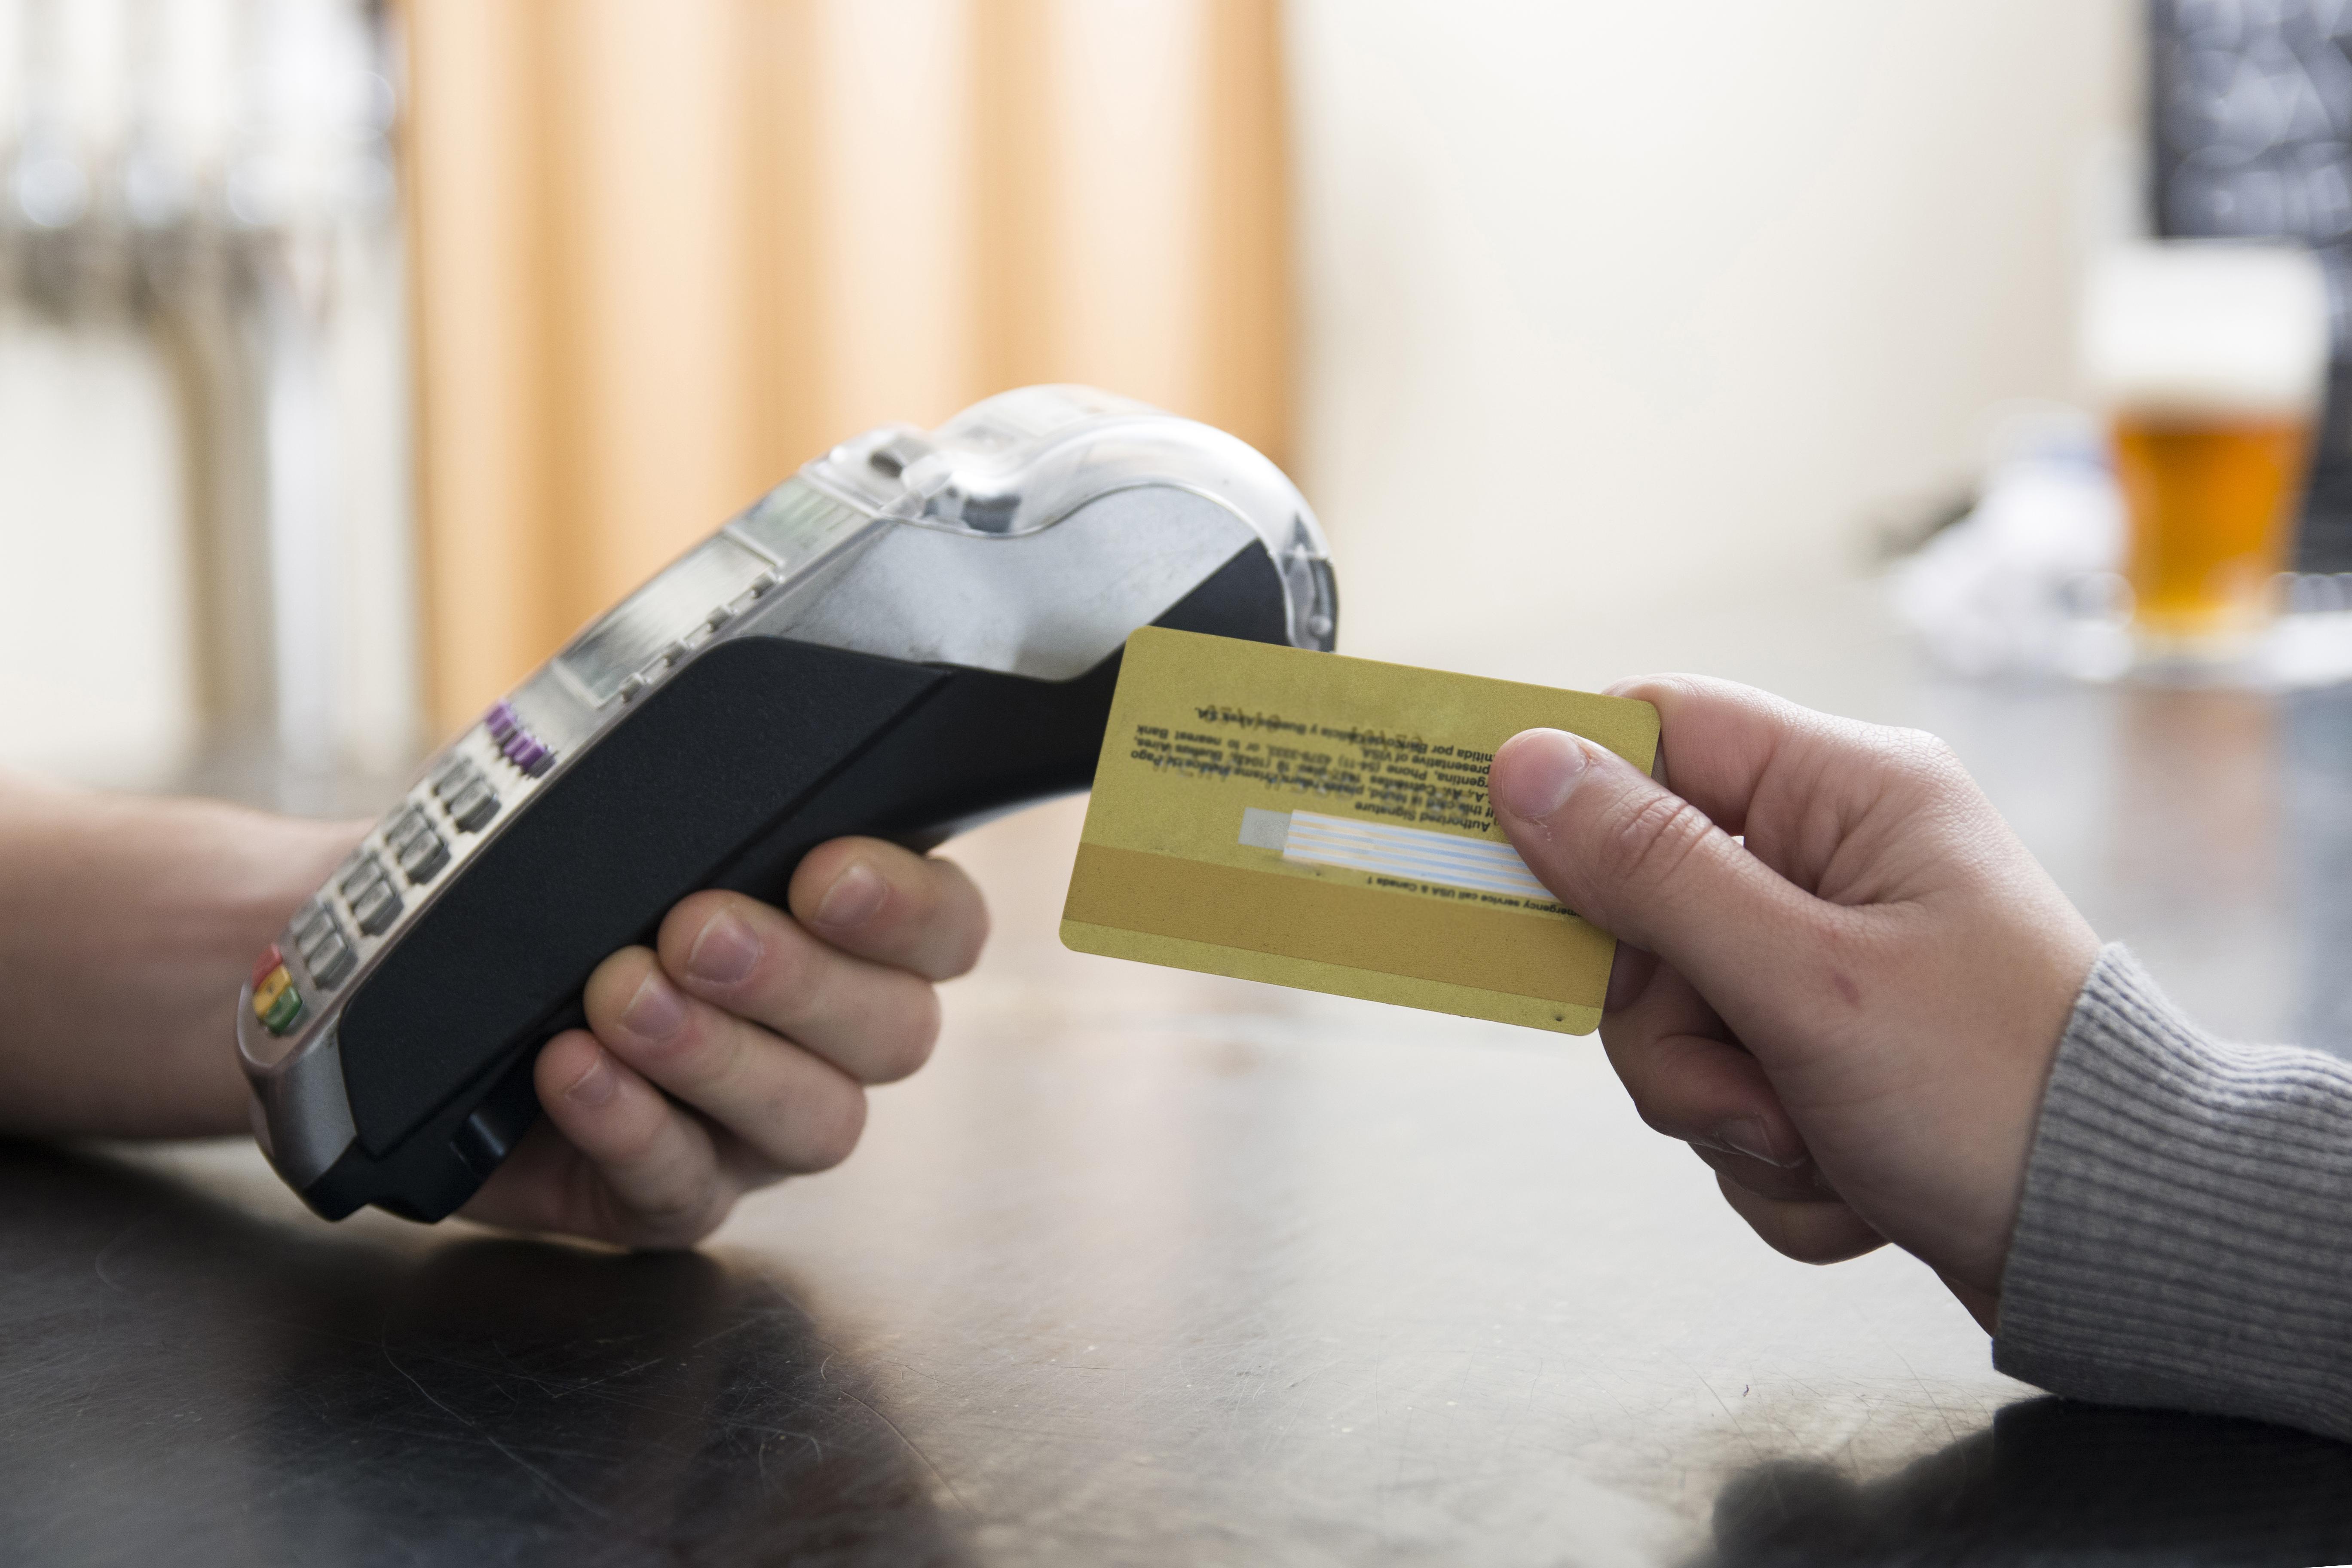 Eliminarían costos por manejo de tarjeta bancaria